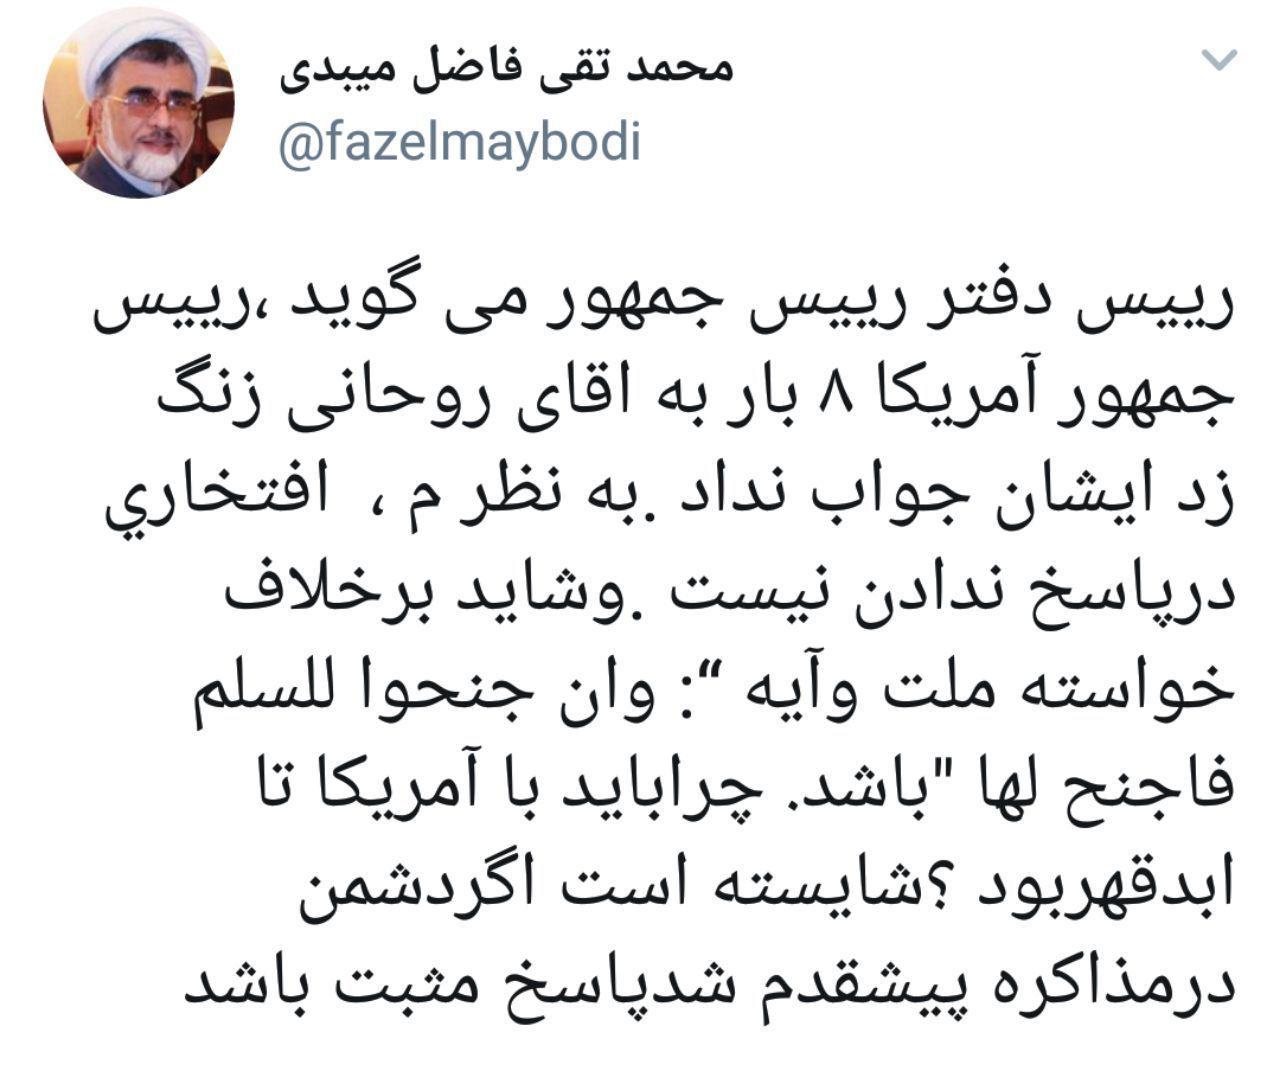 عضو مجمع روحانیون مبارز: چرا باید با آمریکا تا ابد قهر بود؟